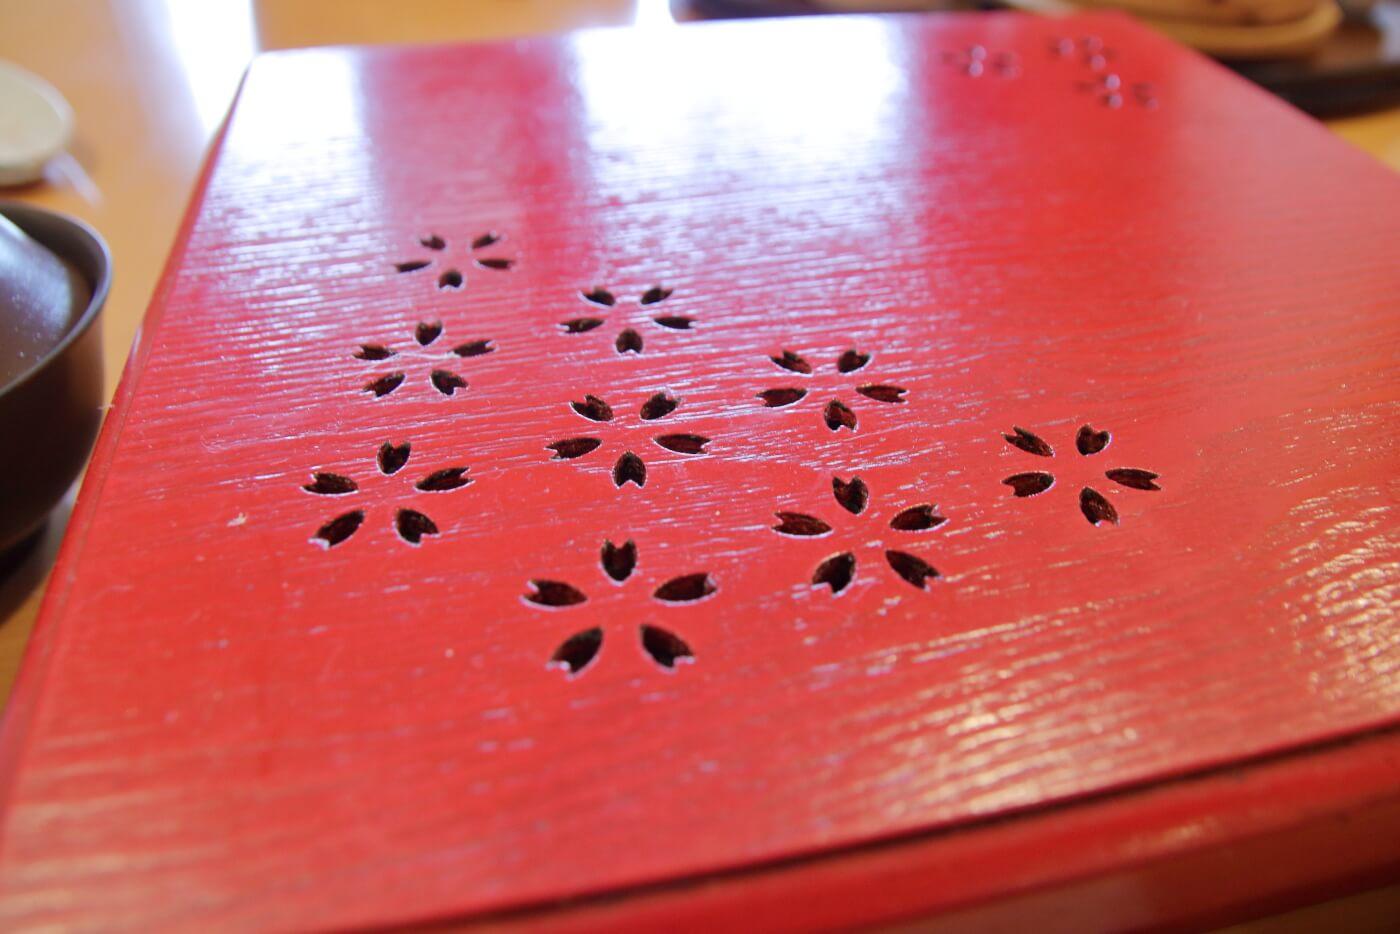 甘味茶寮 さくらさく ランチの重箱に刻まれた桜柄